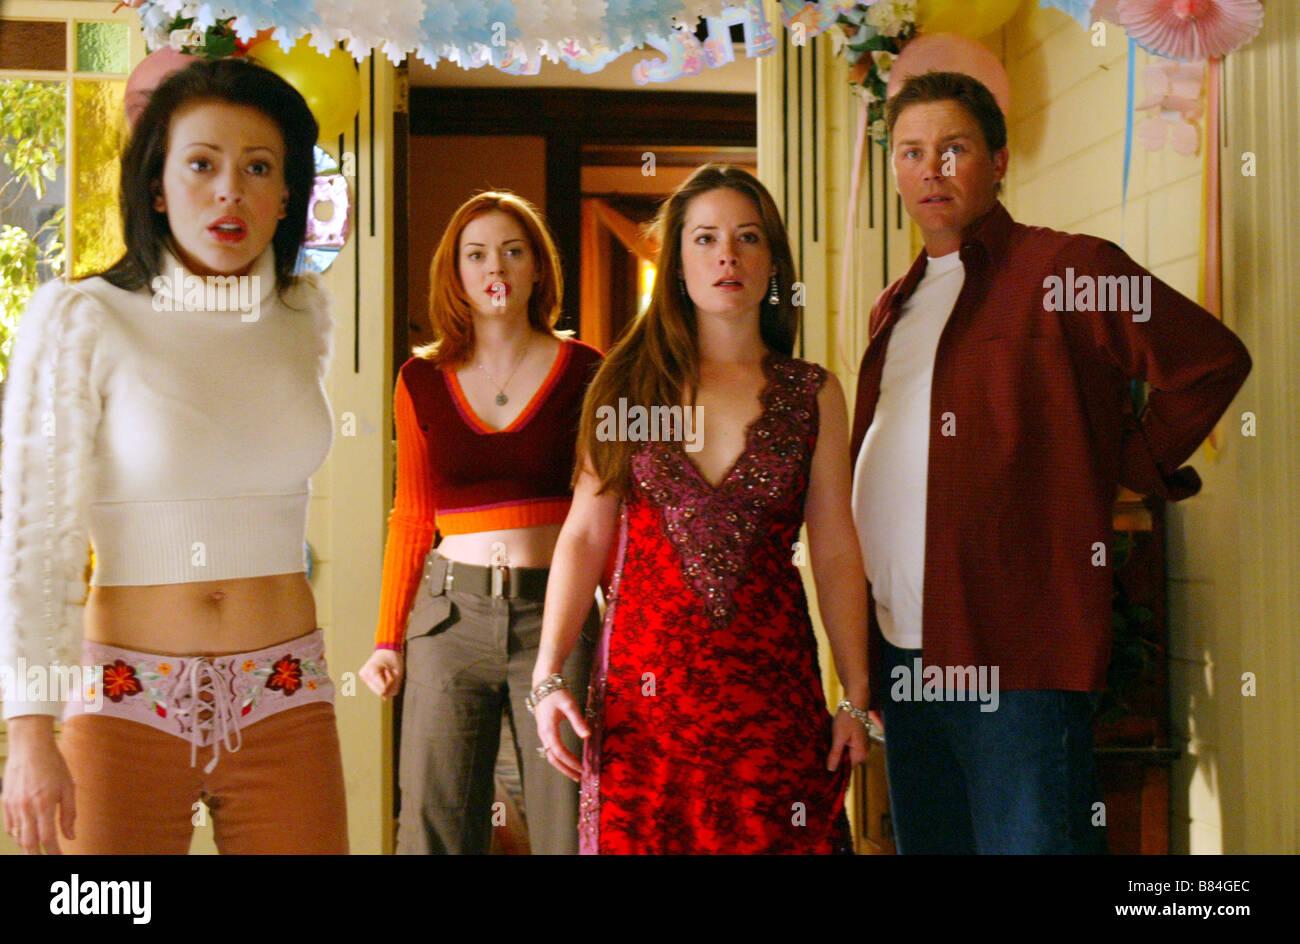 Charmed Episode 14 Season 5 (S05E14)